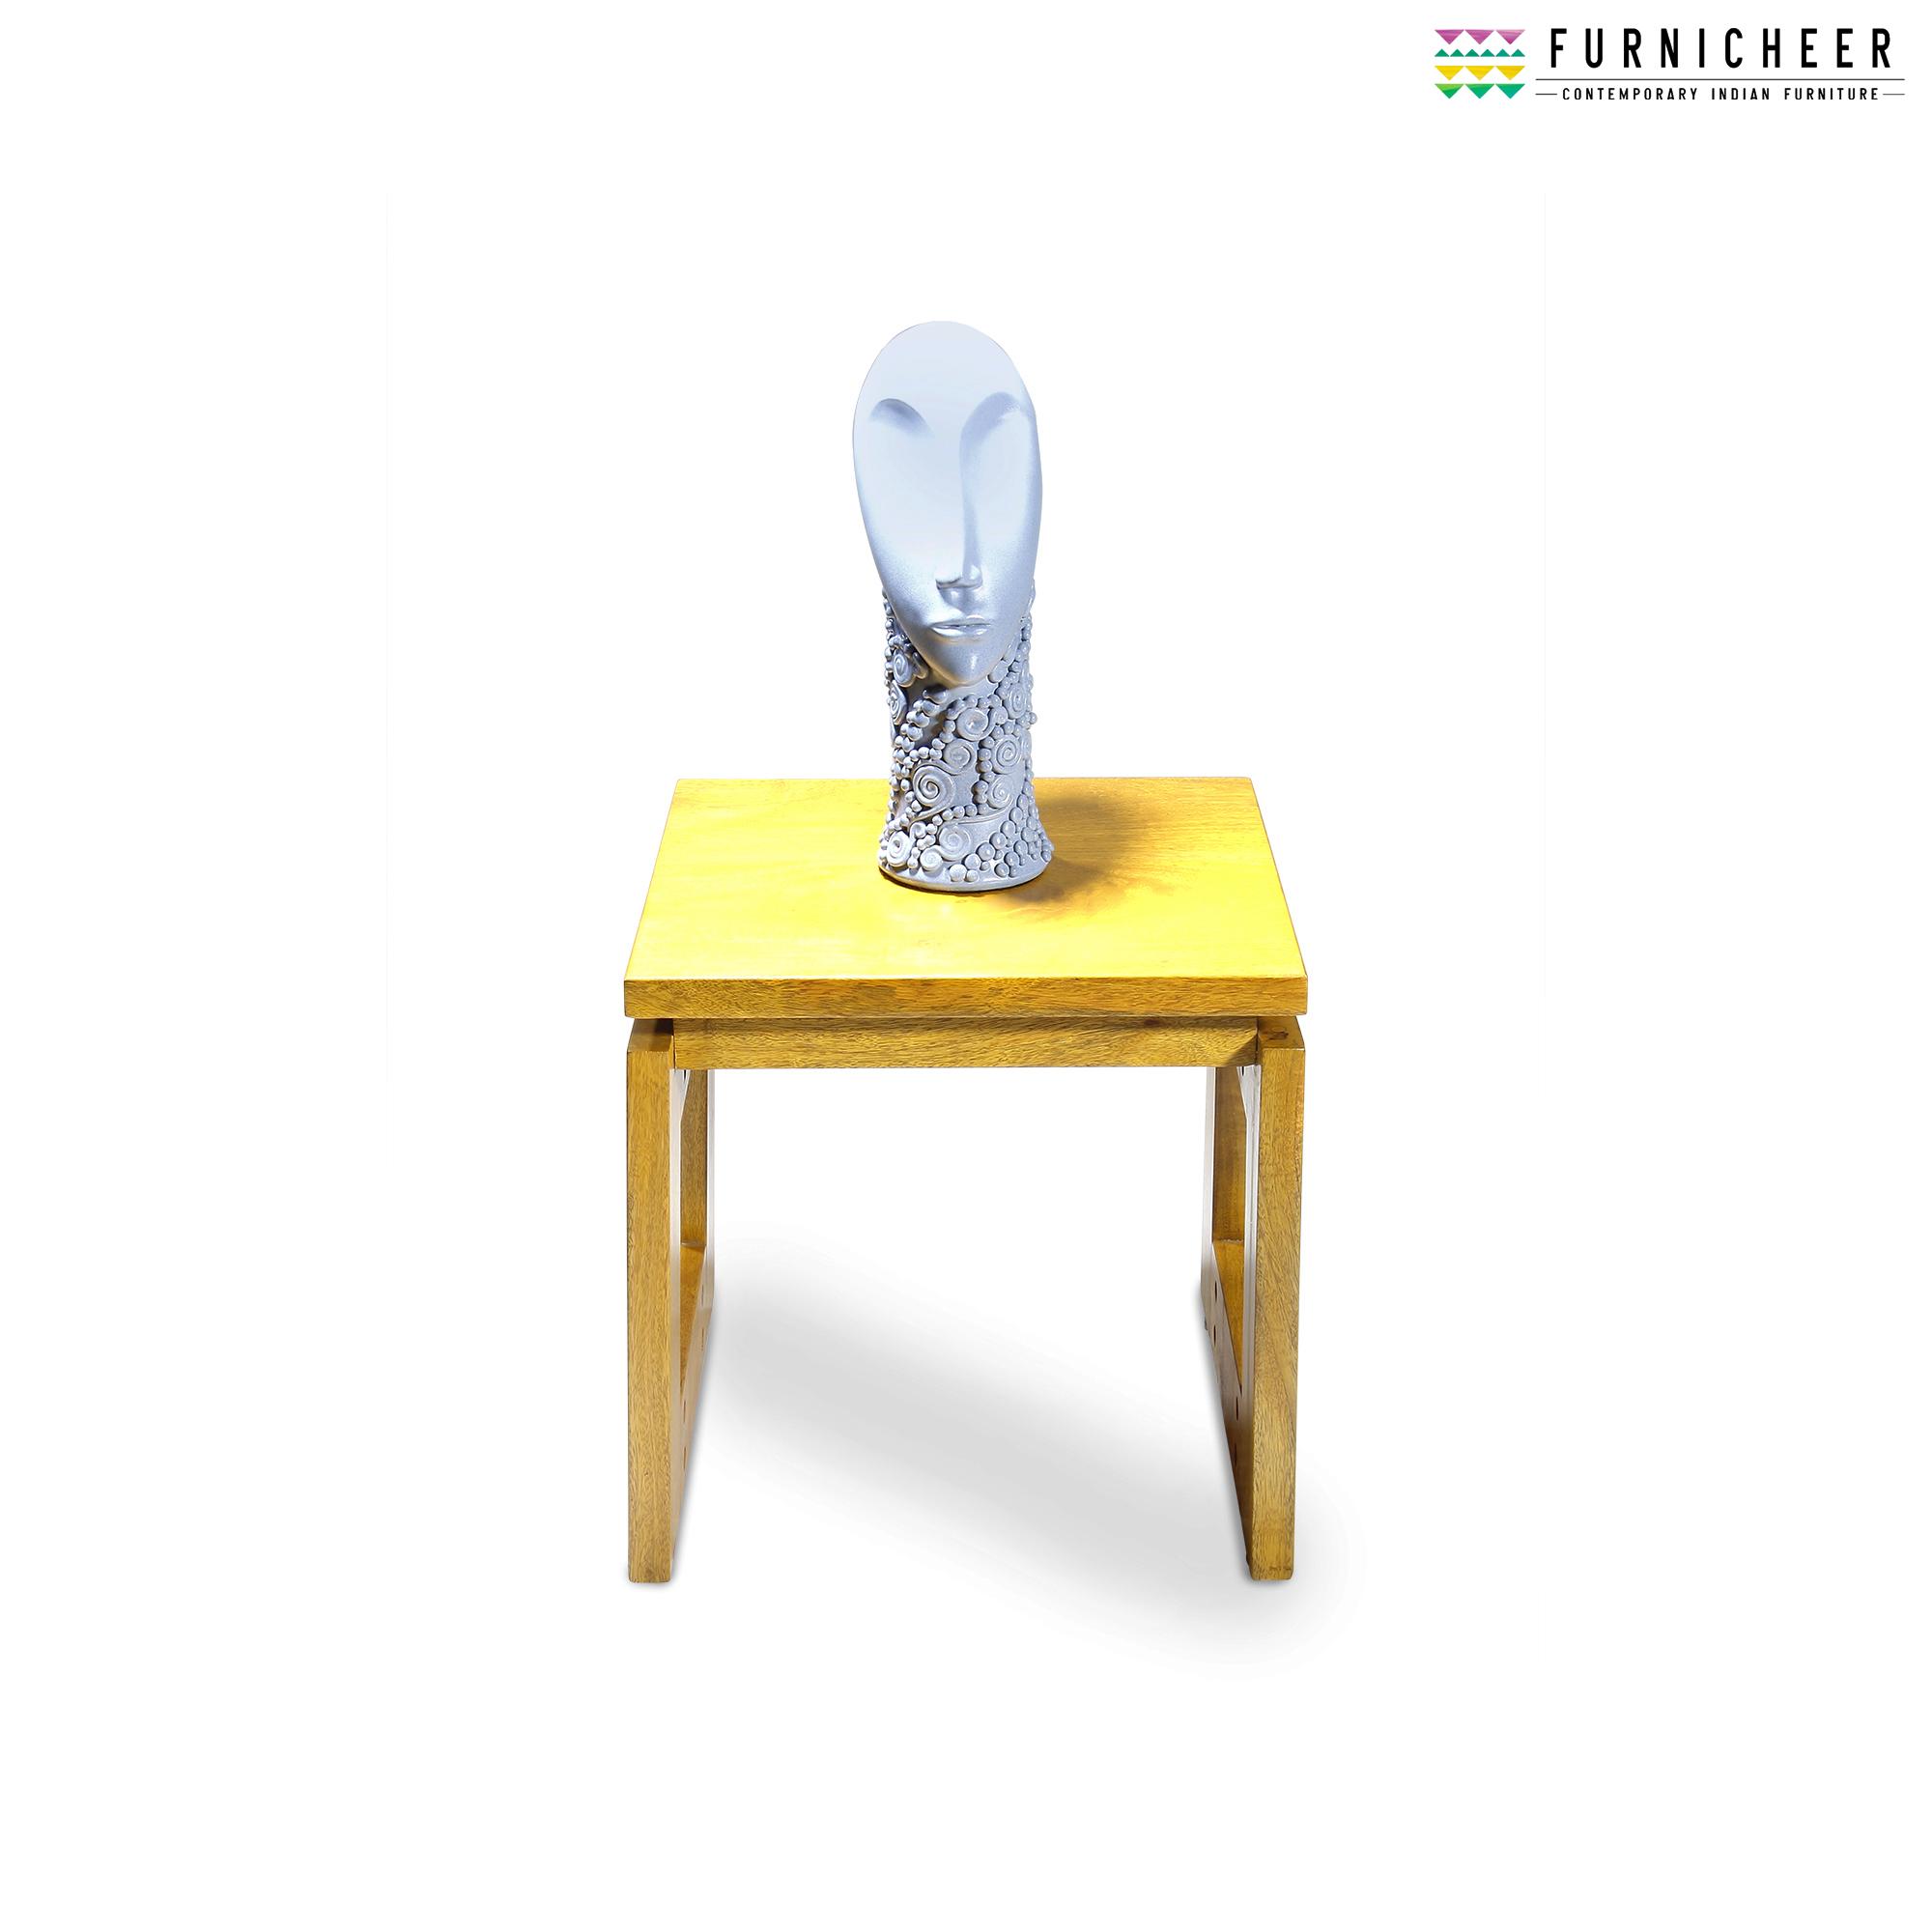 1.SIDE & END TABLE SKU TBYL7373